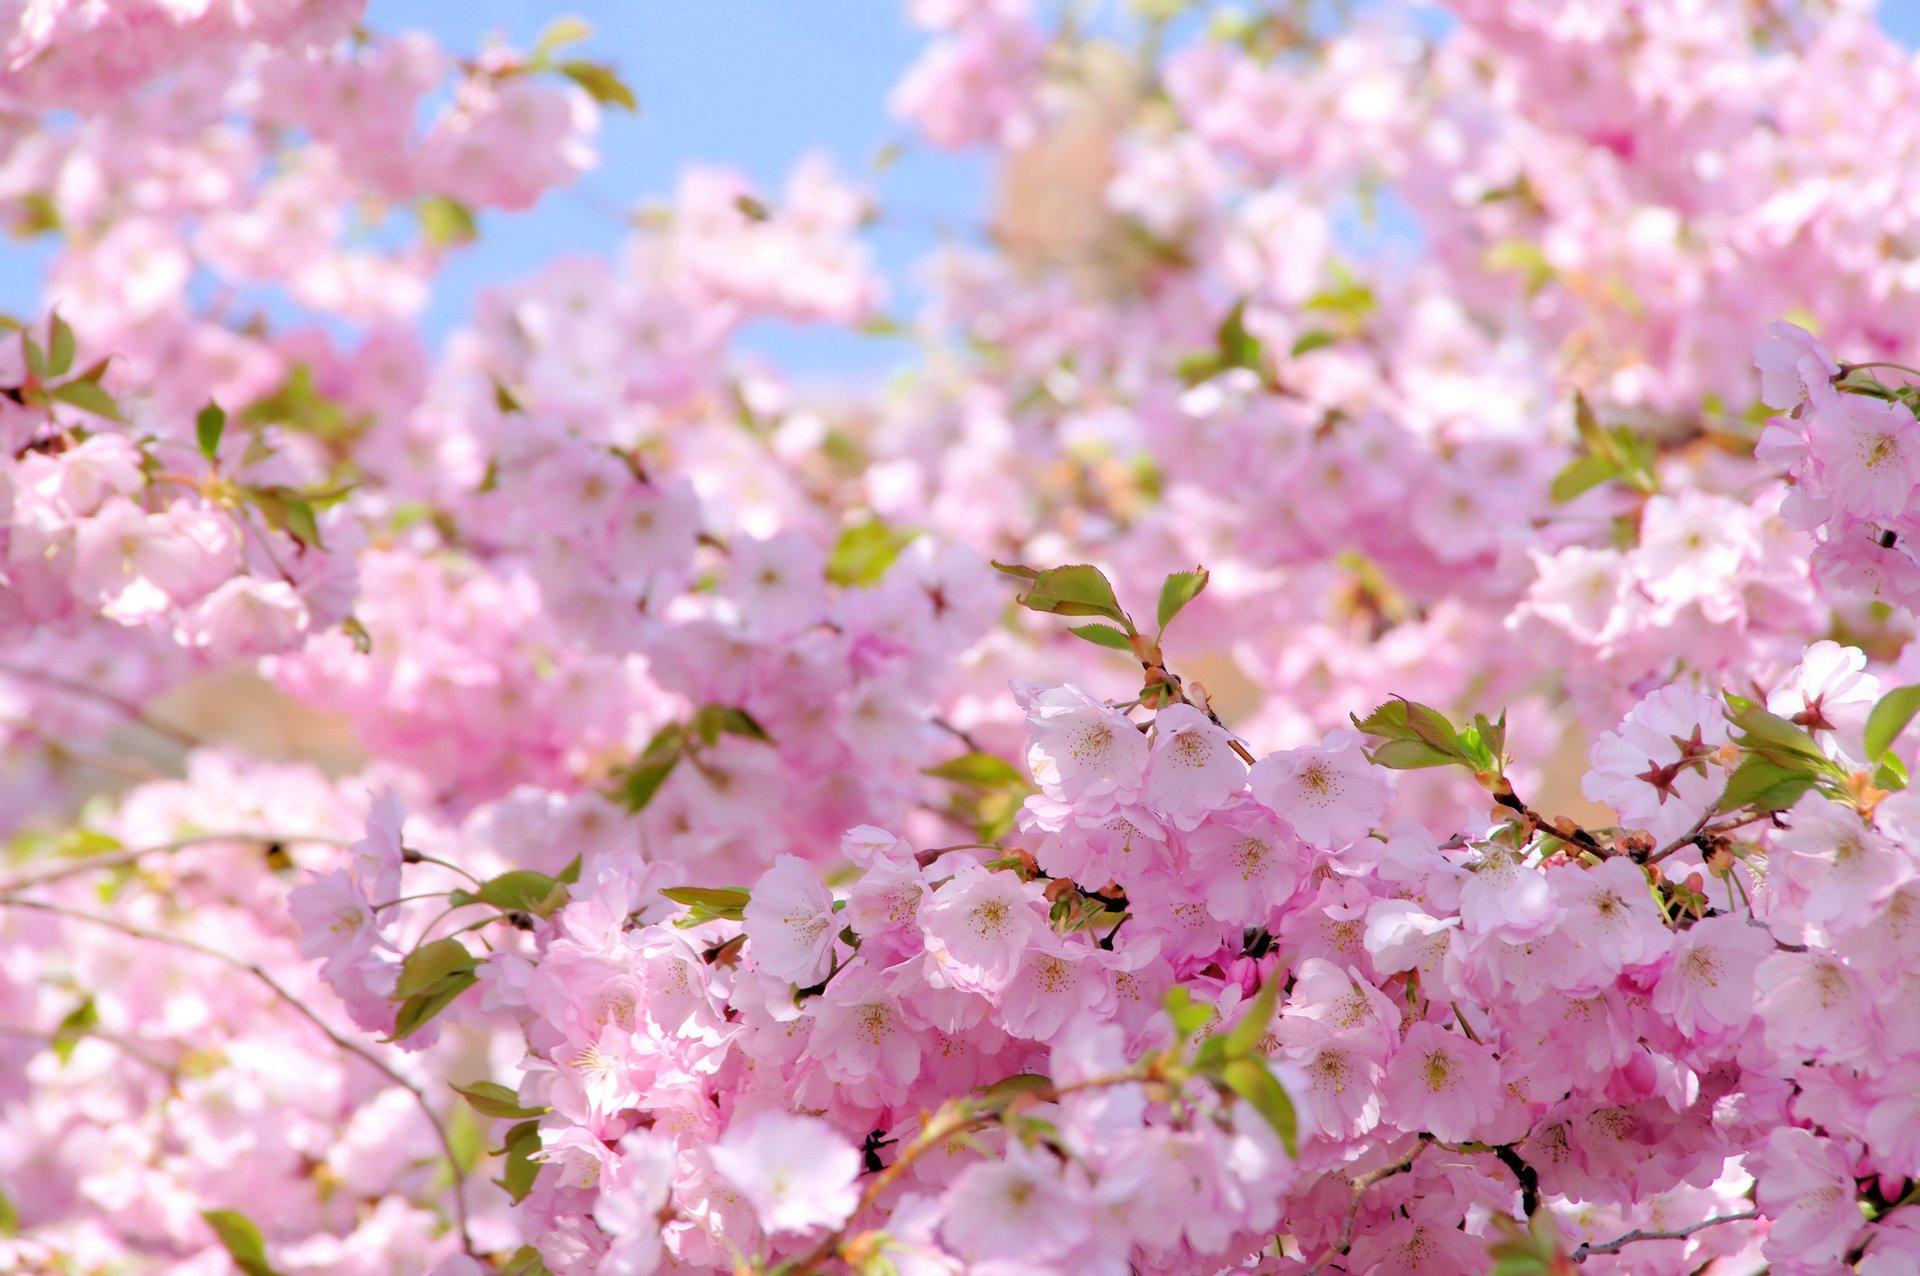 Красивые картинки с цветами на телефон